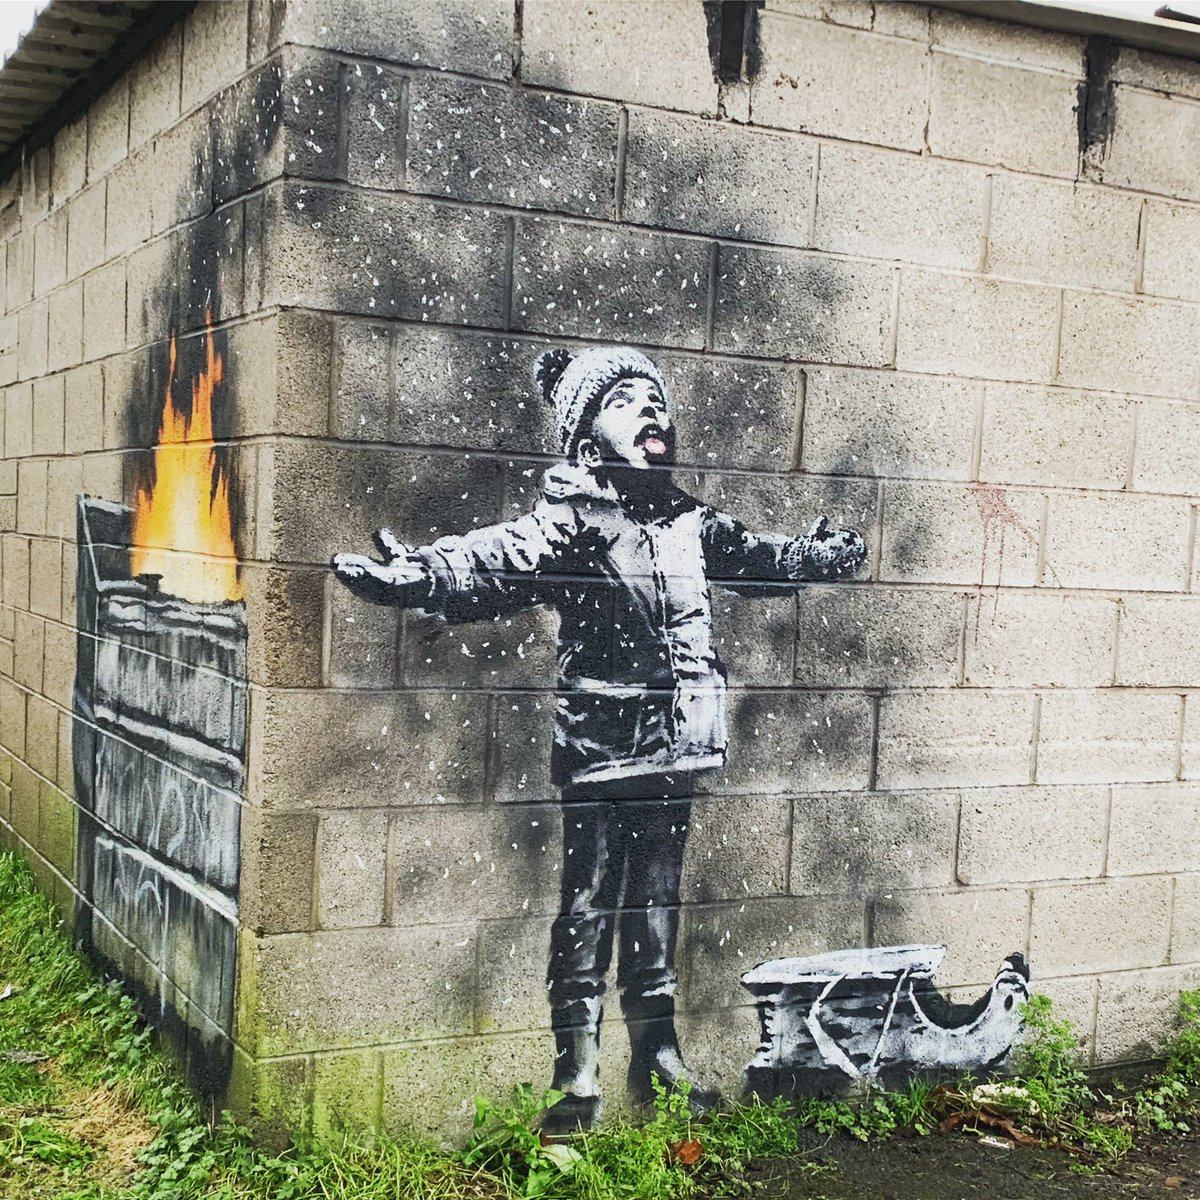 слух, артистичность, бэнкси граффити картинки получали подарок угощение